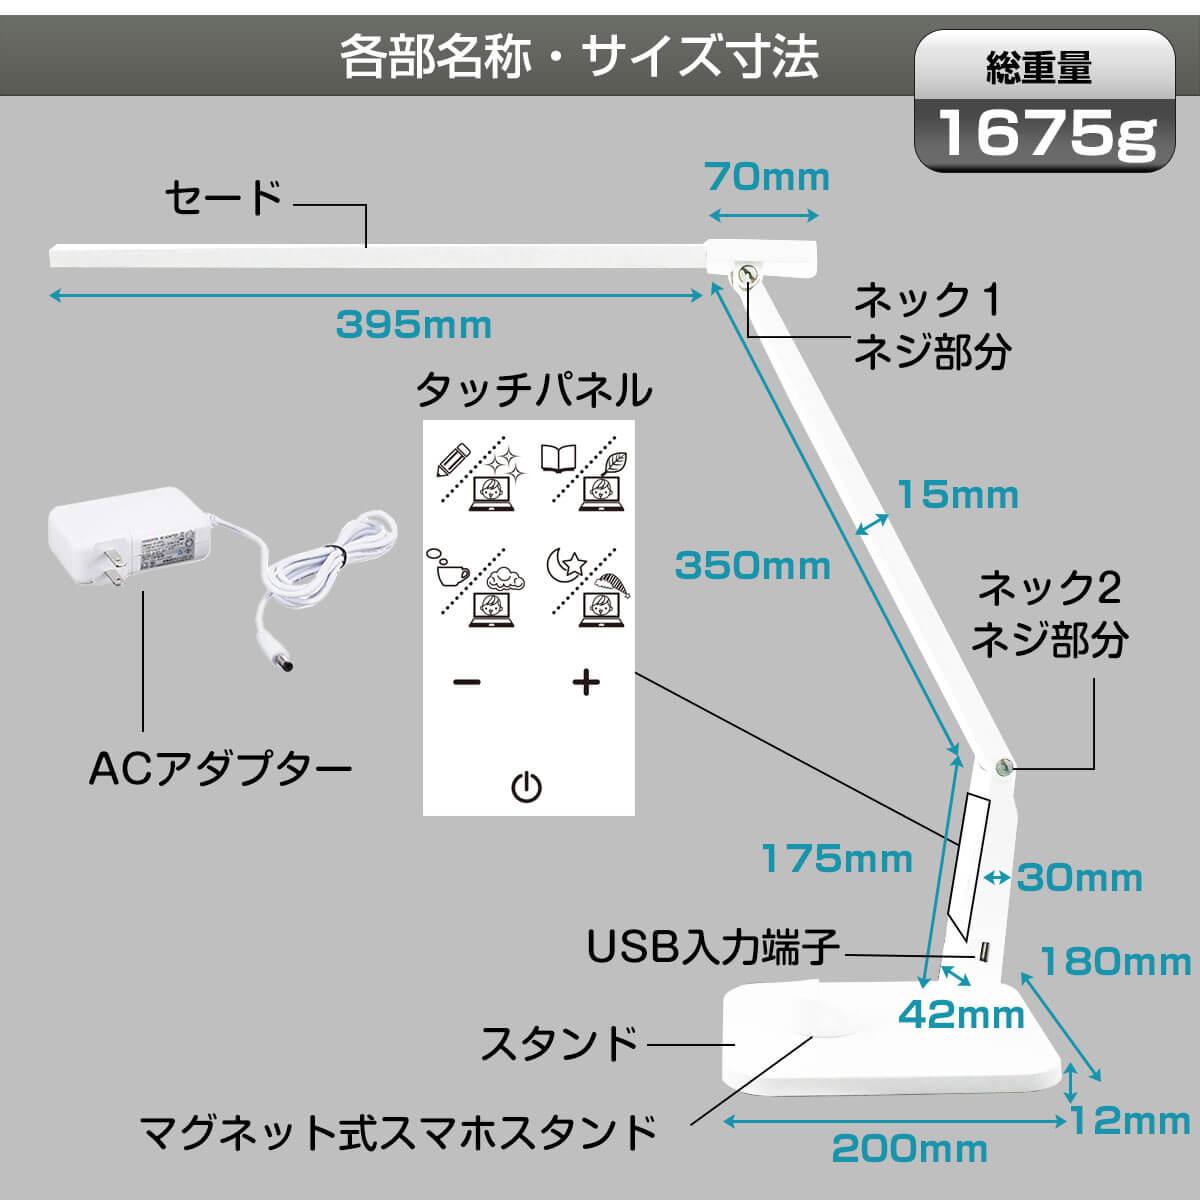 自然光デスクライト テレワークの各部名称とサイズ寸法